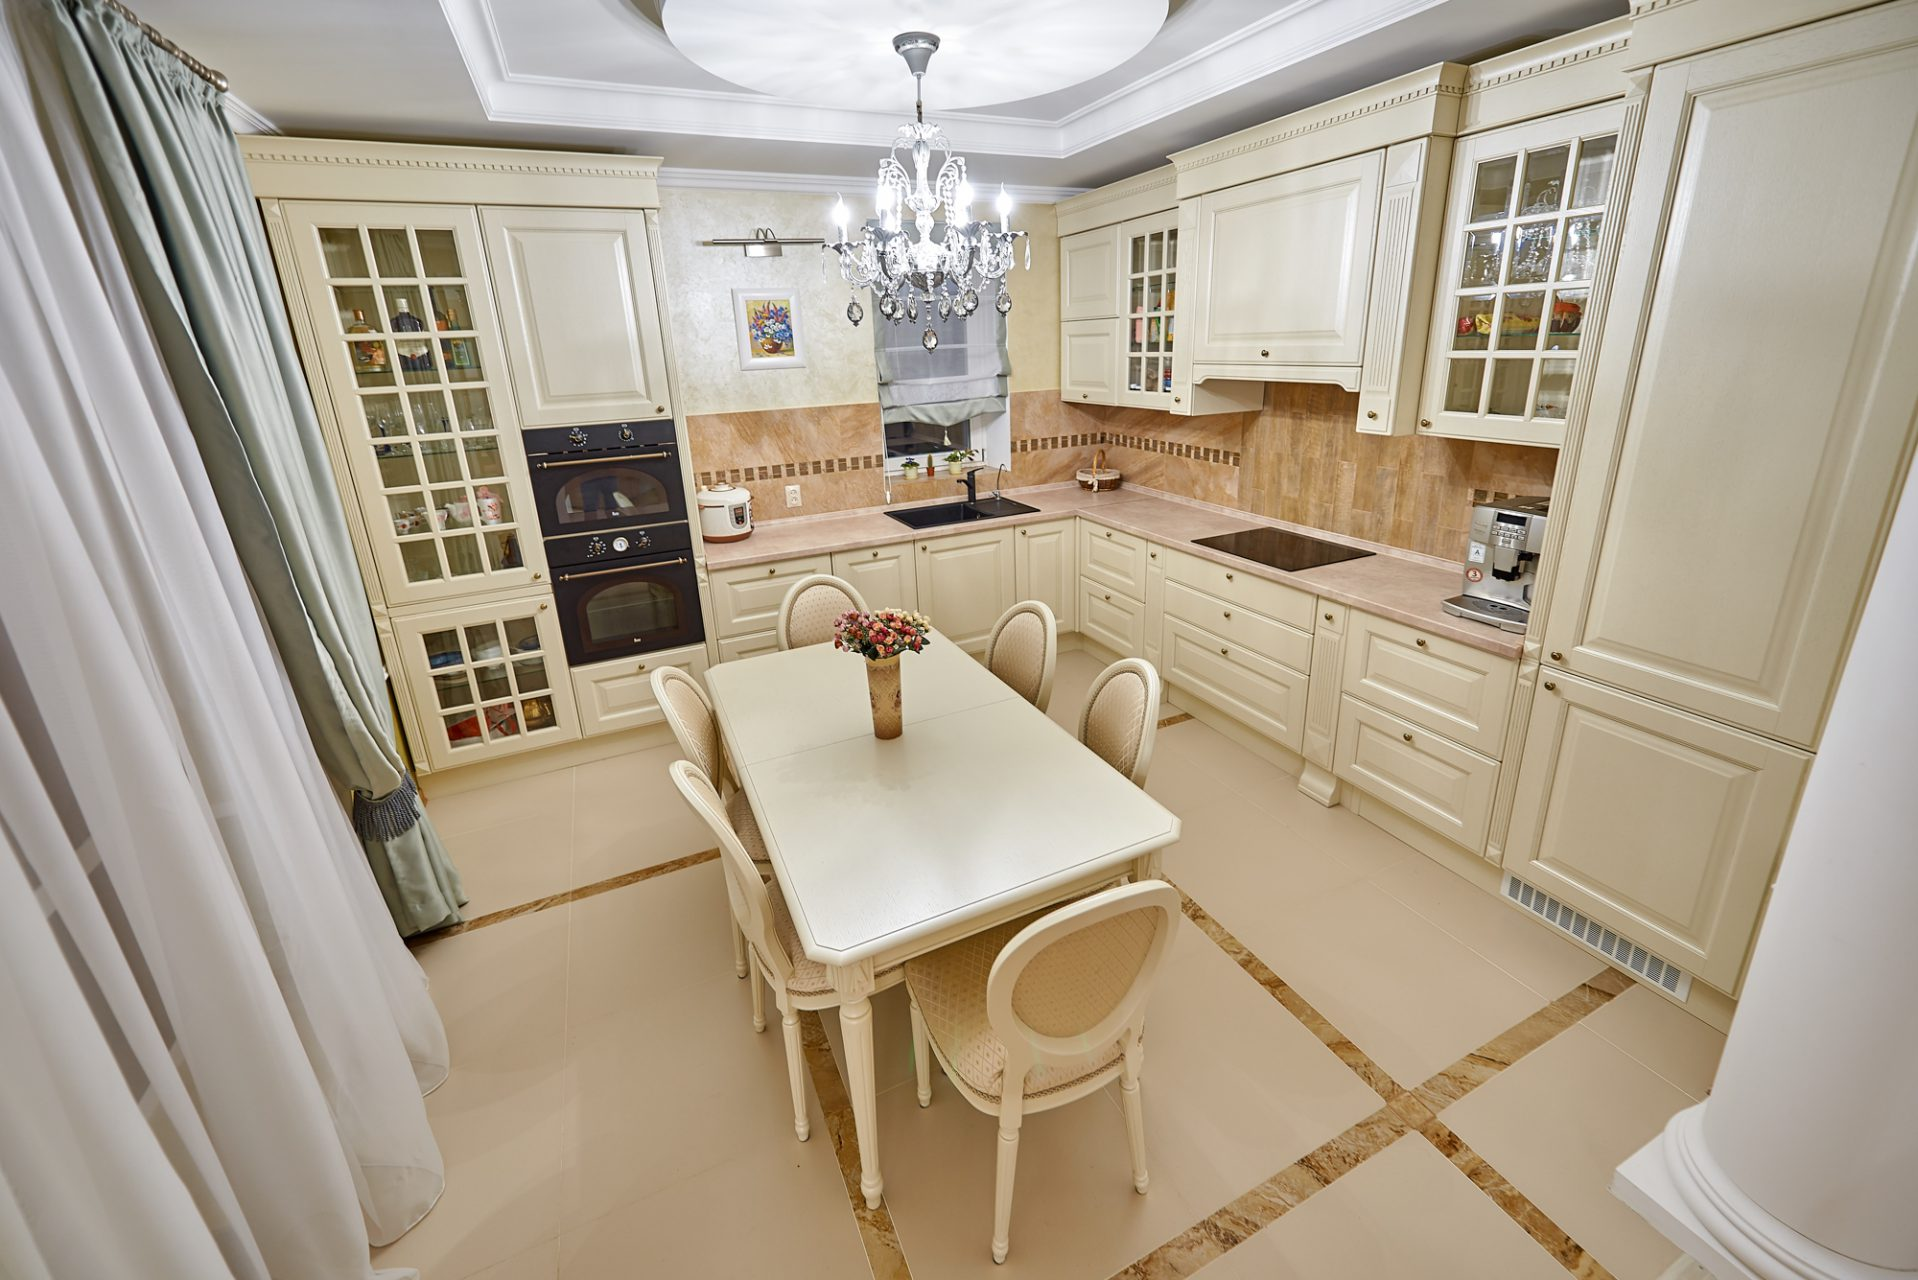 010_interior_kitchen3_korneychikeu